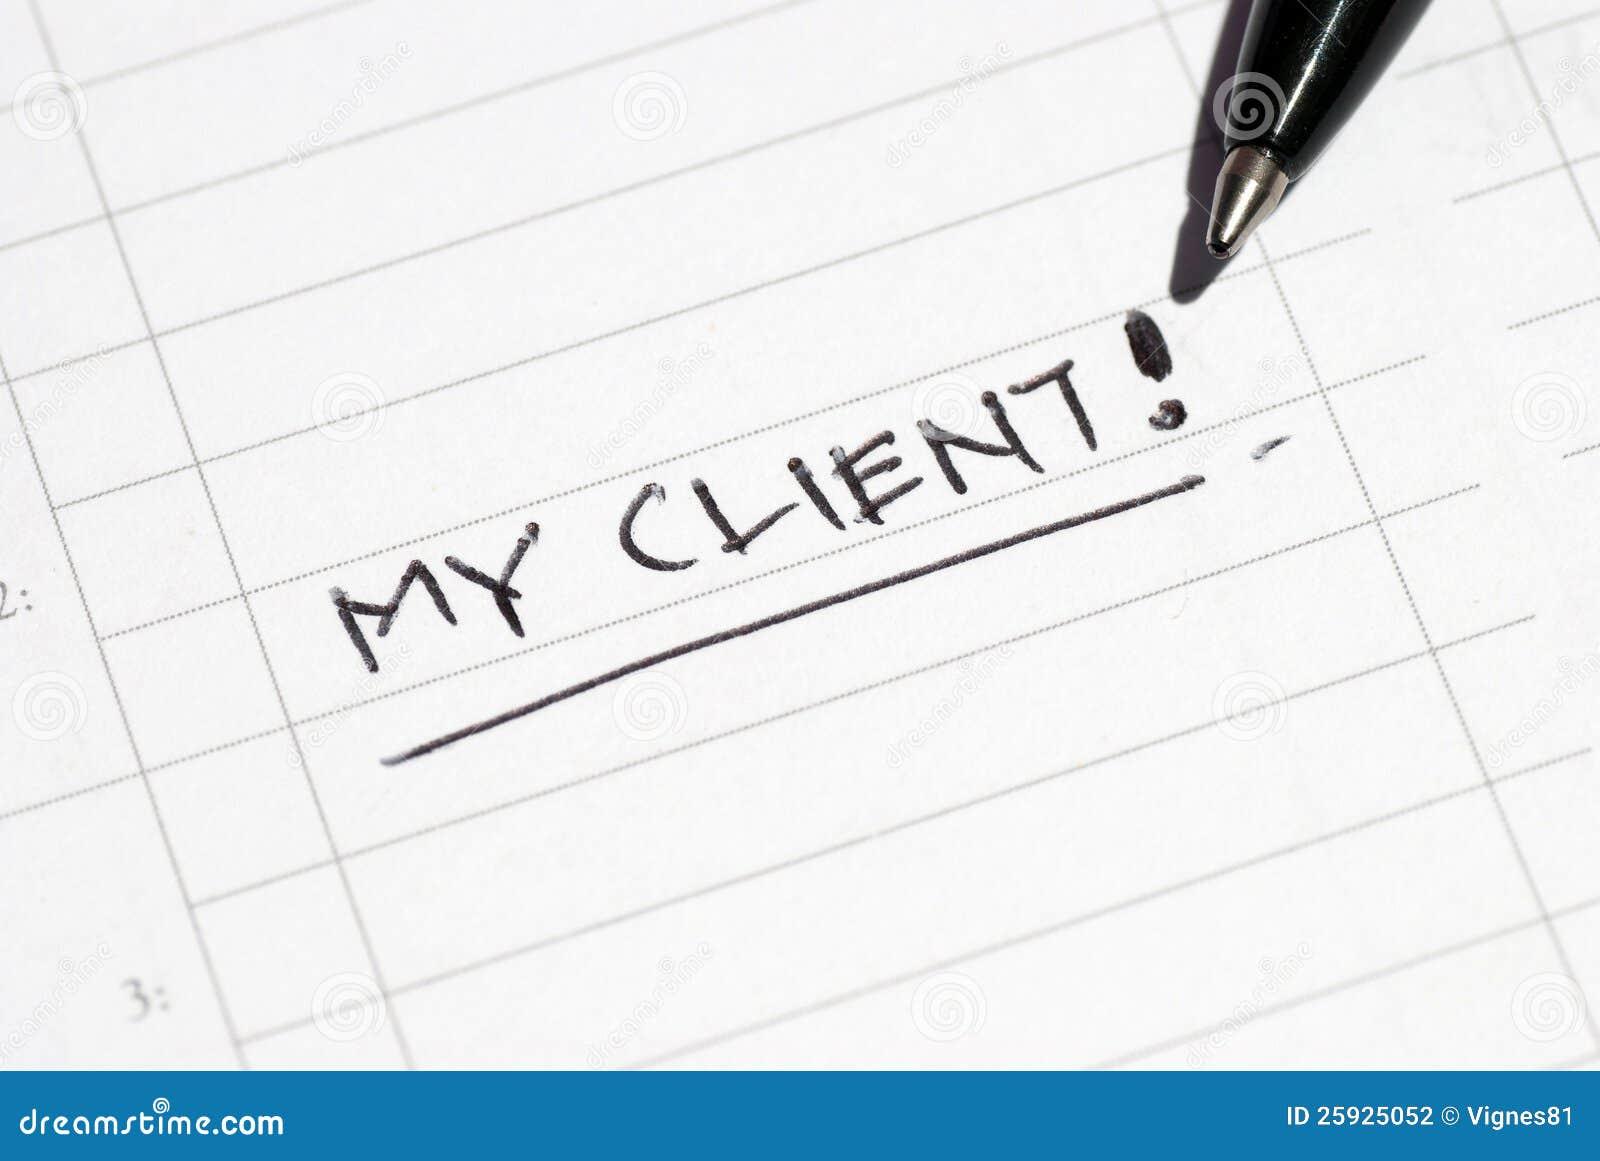 Mein Klient